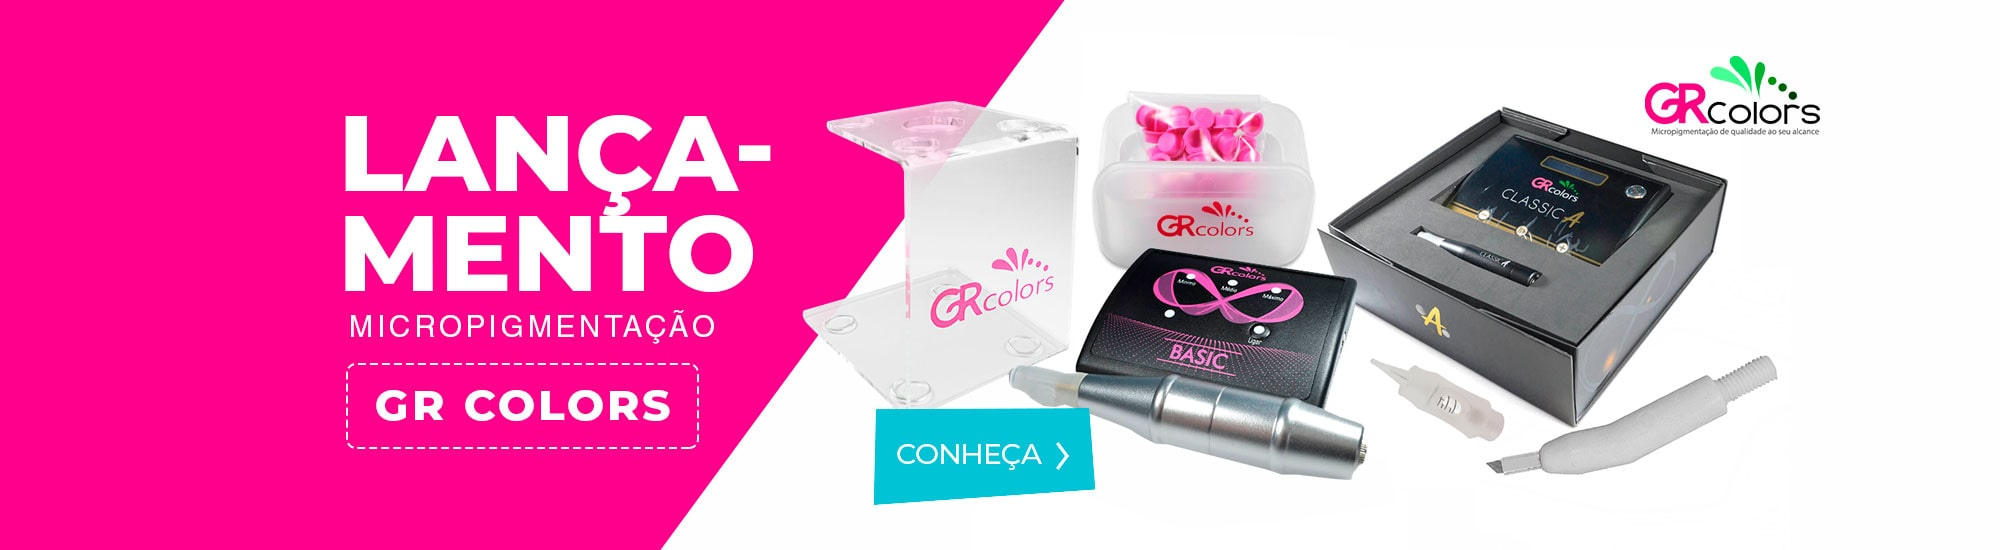 Lançamento produtos da marca GR Colors